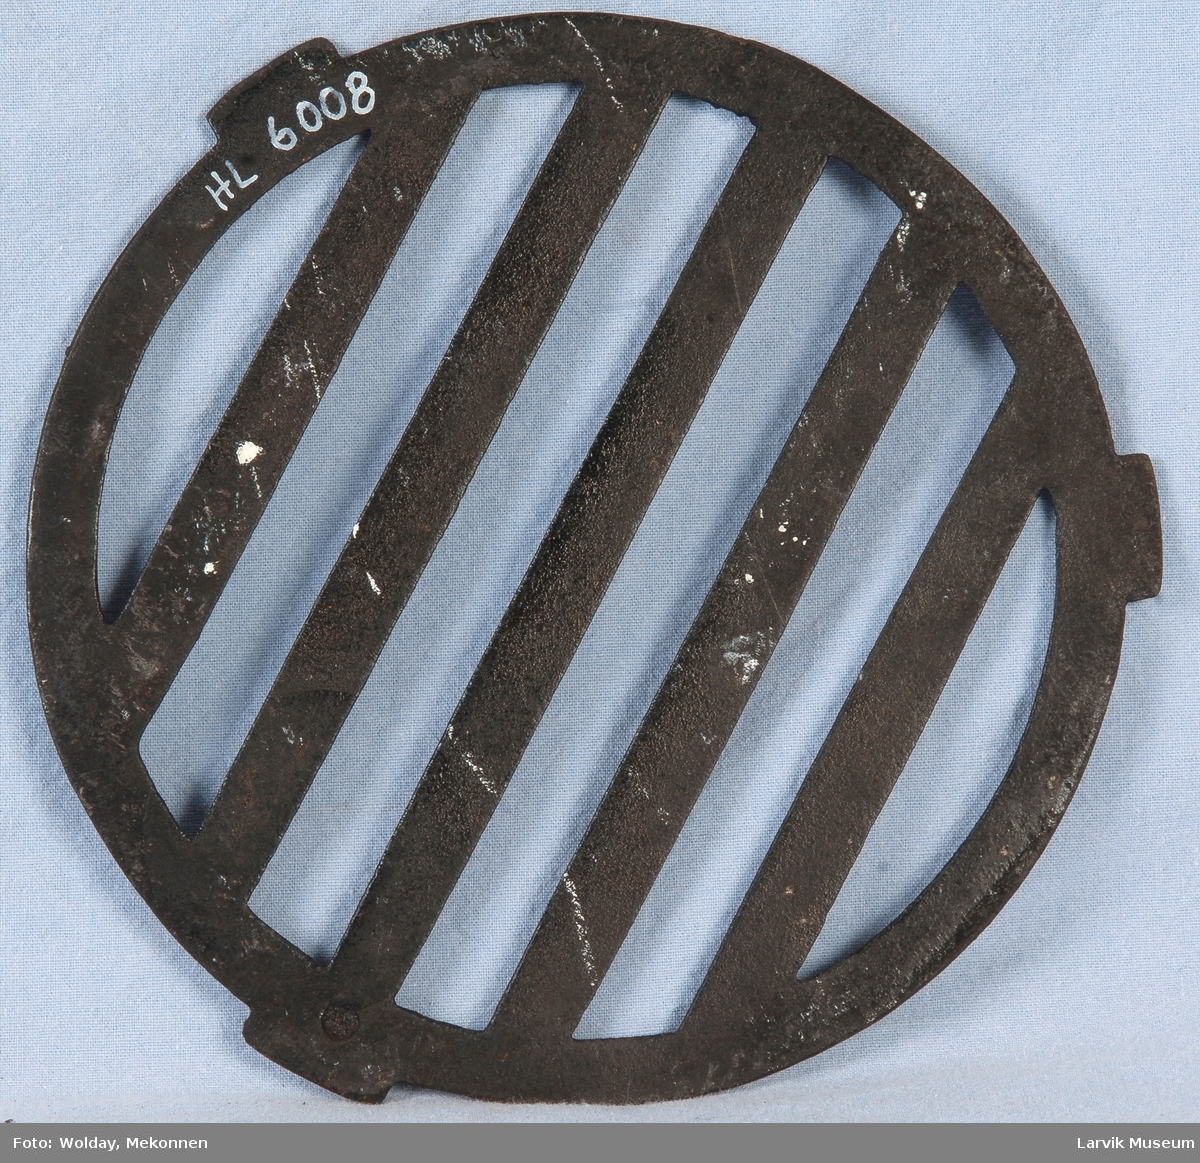 Bunnrist til sylinderovn. Rund form med 3 tapper/fester jevnt fordelt i ytterkant